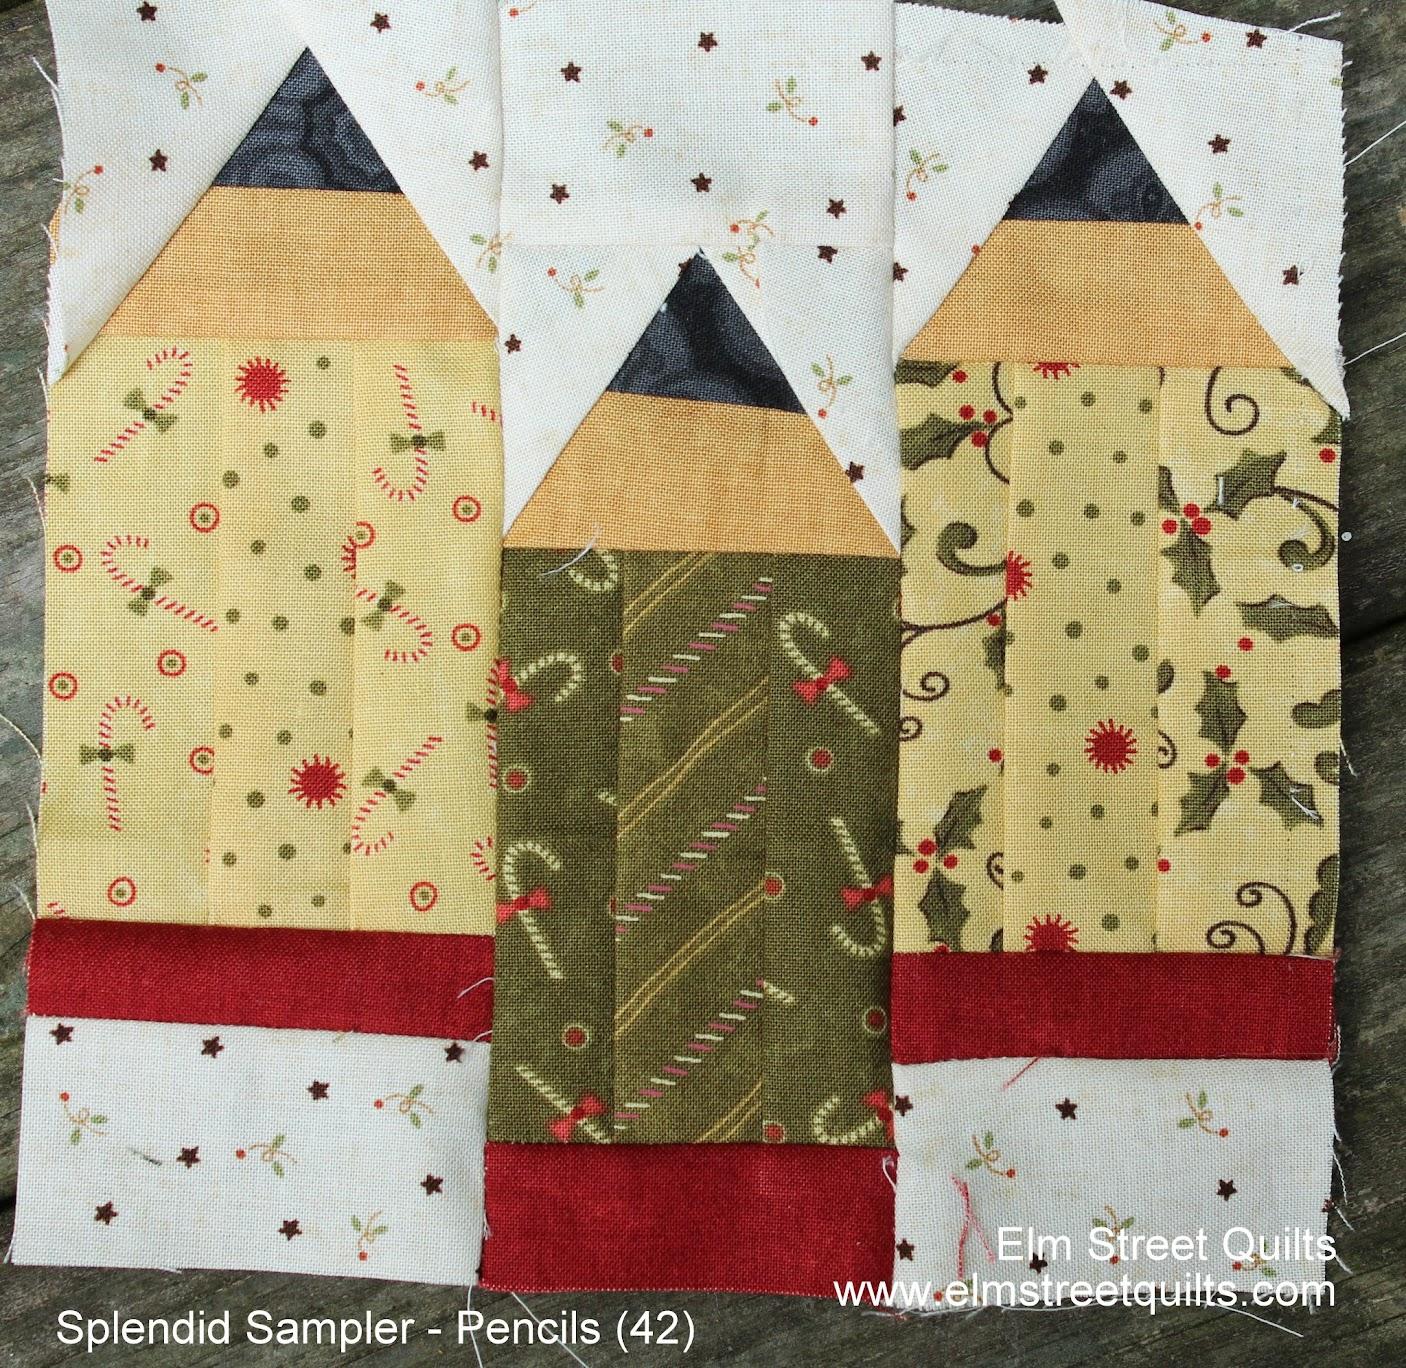 Splendid Sampler block 42